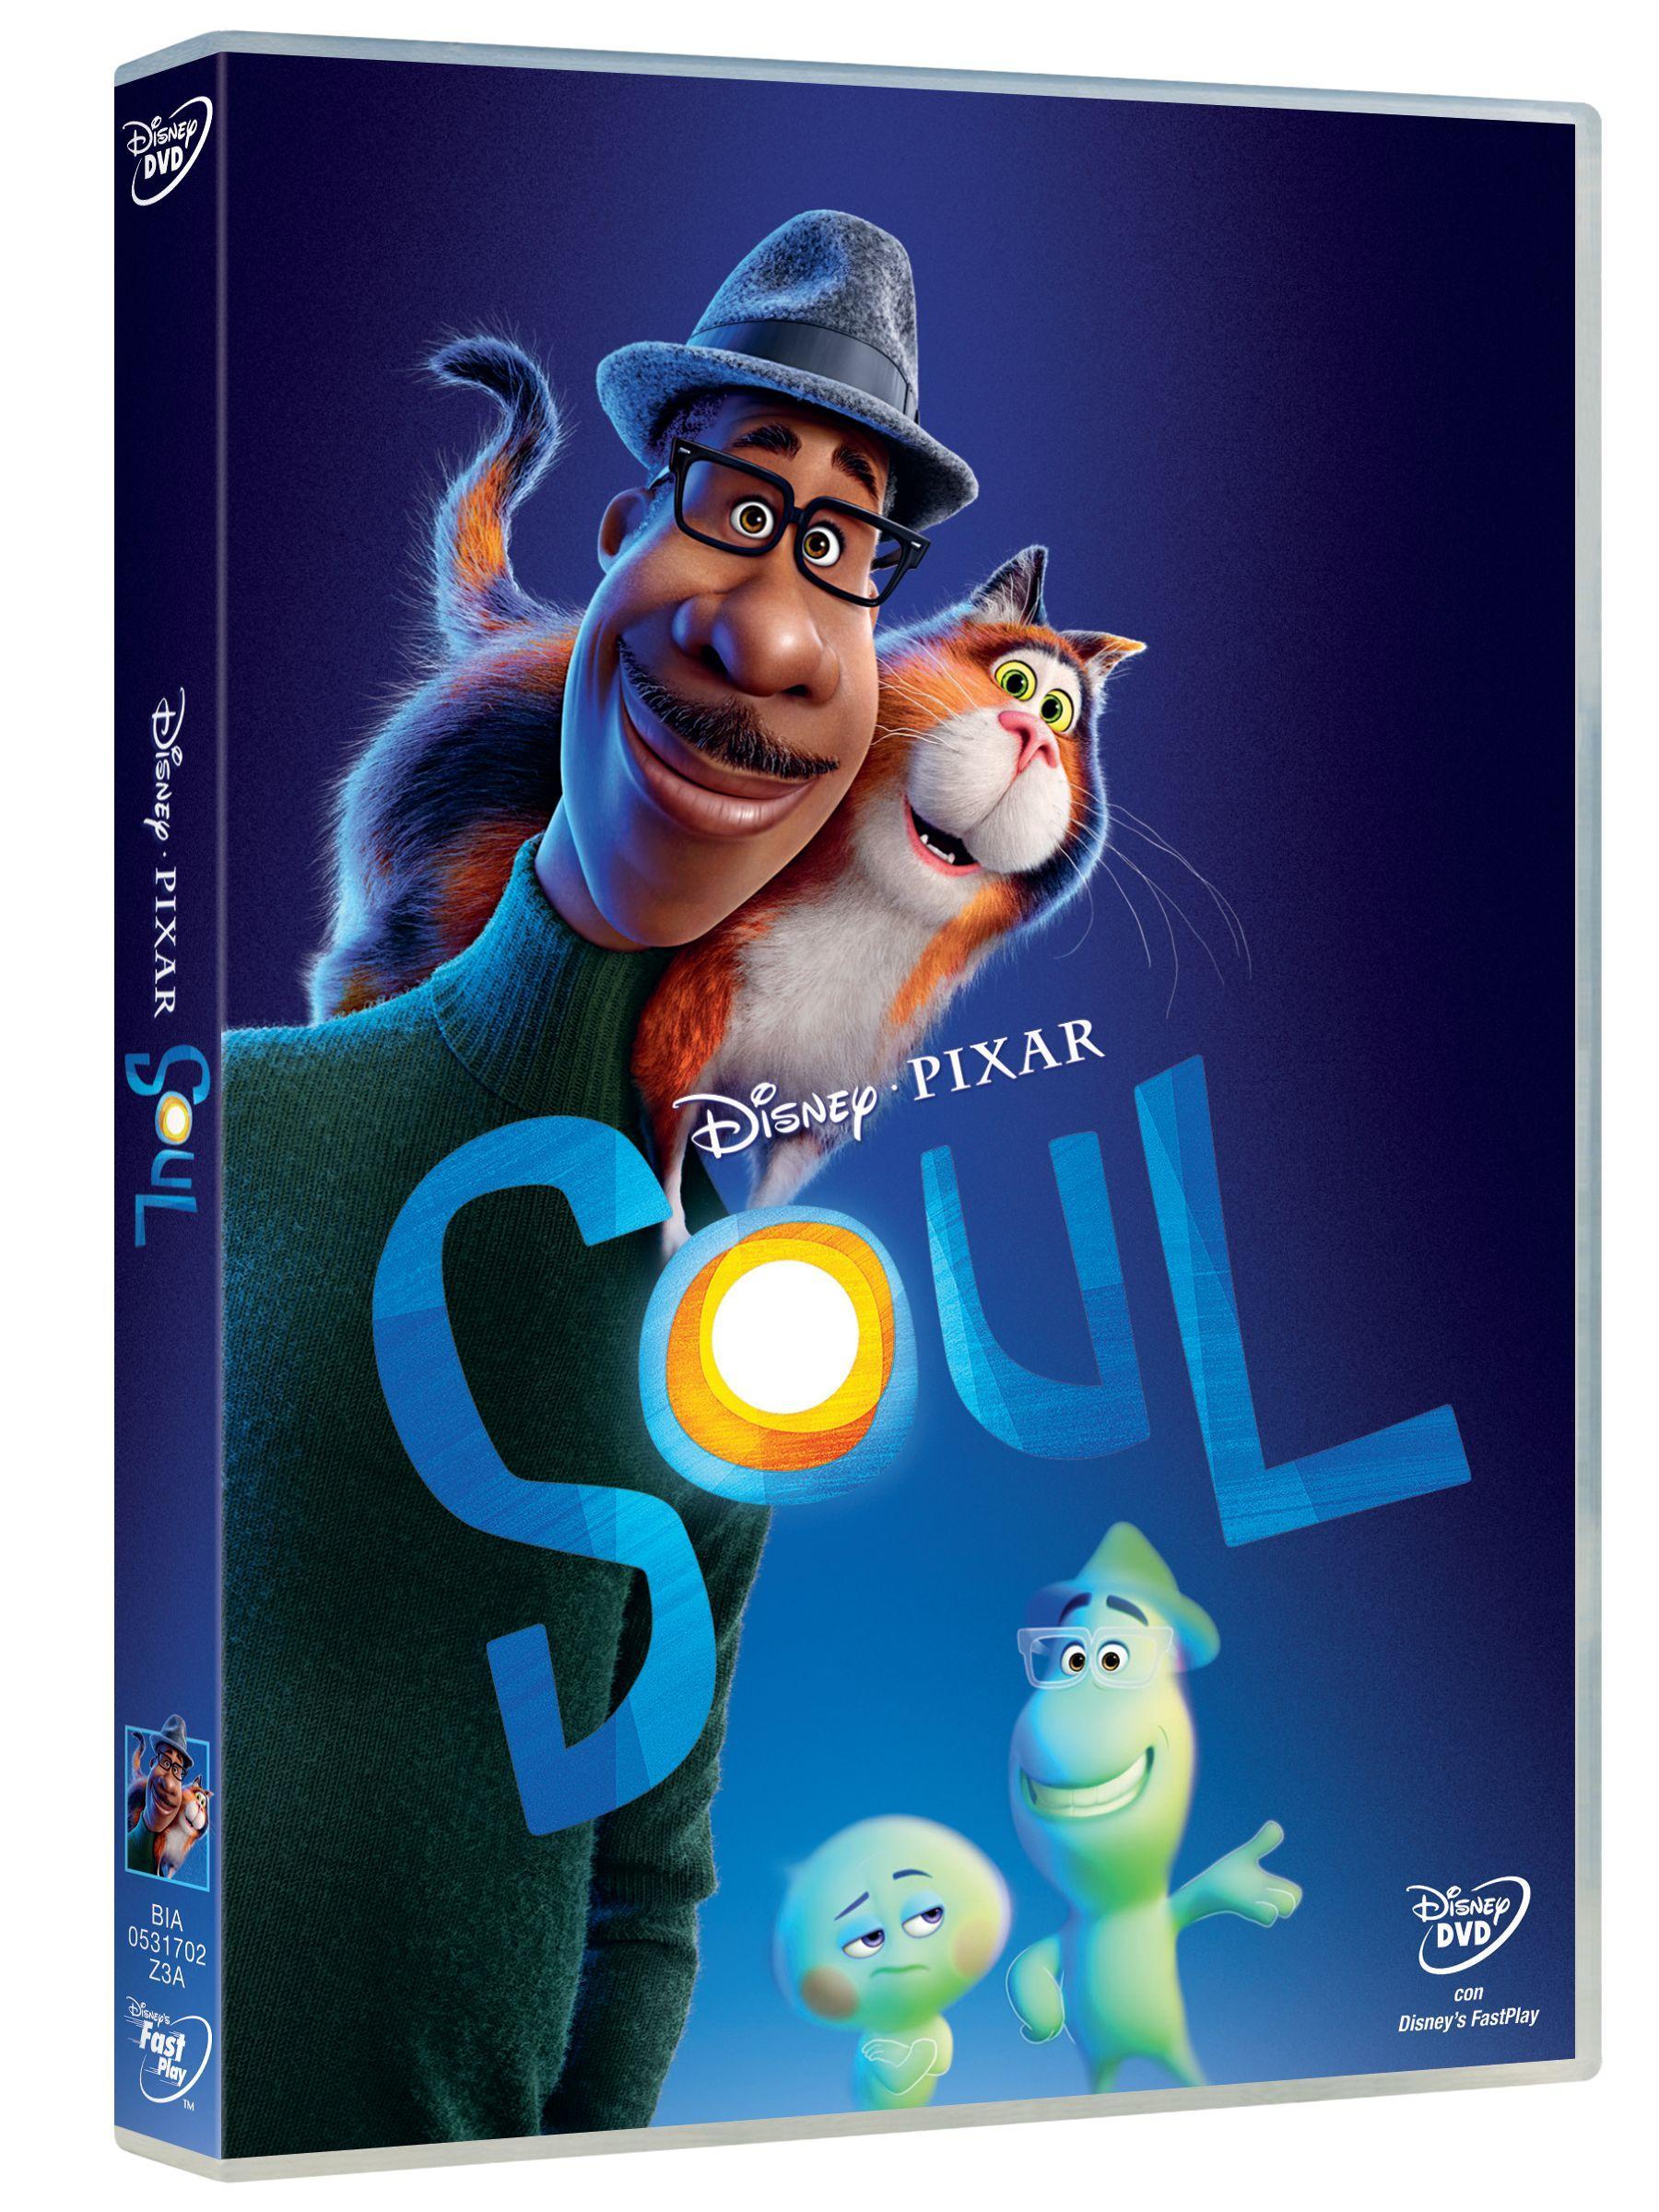 Soul in DVD